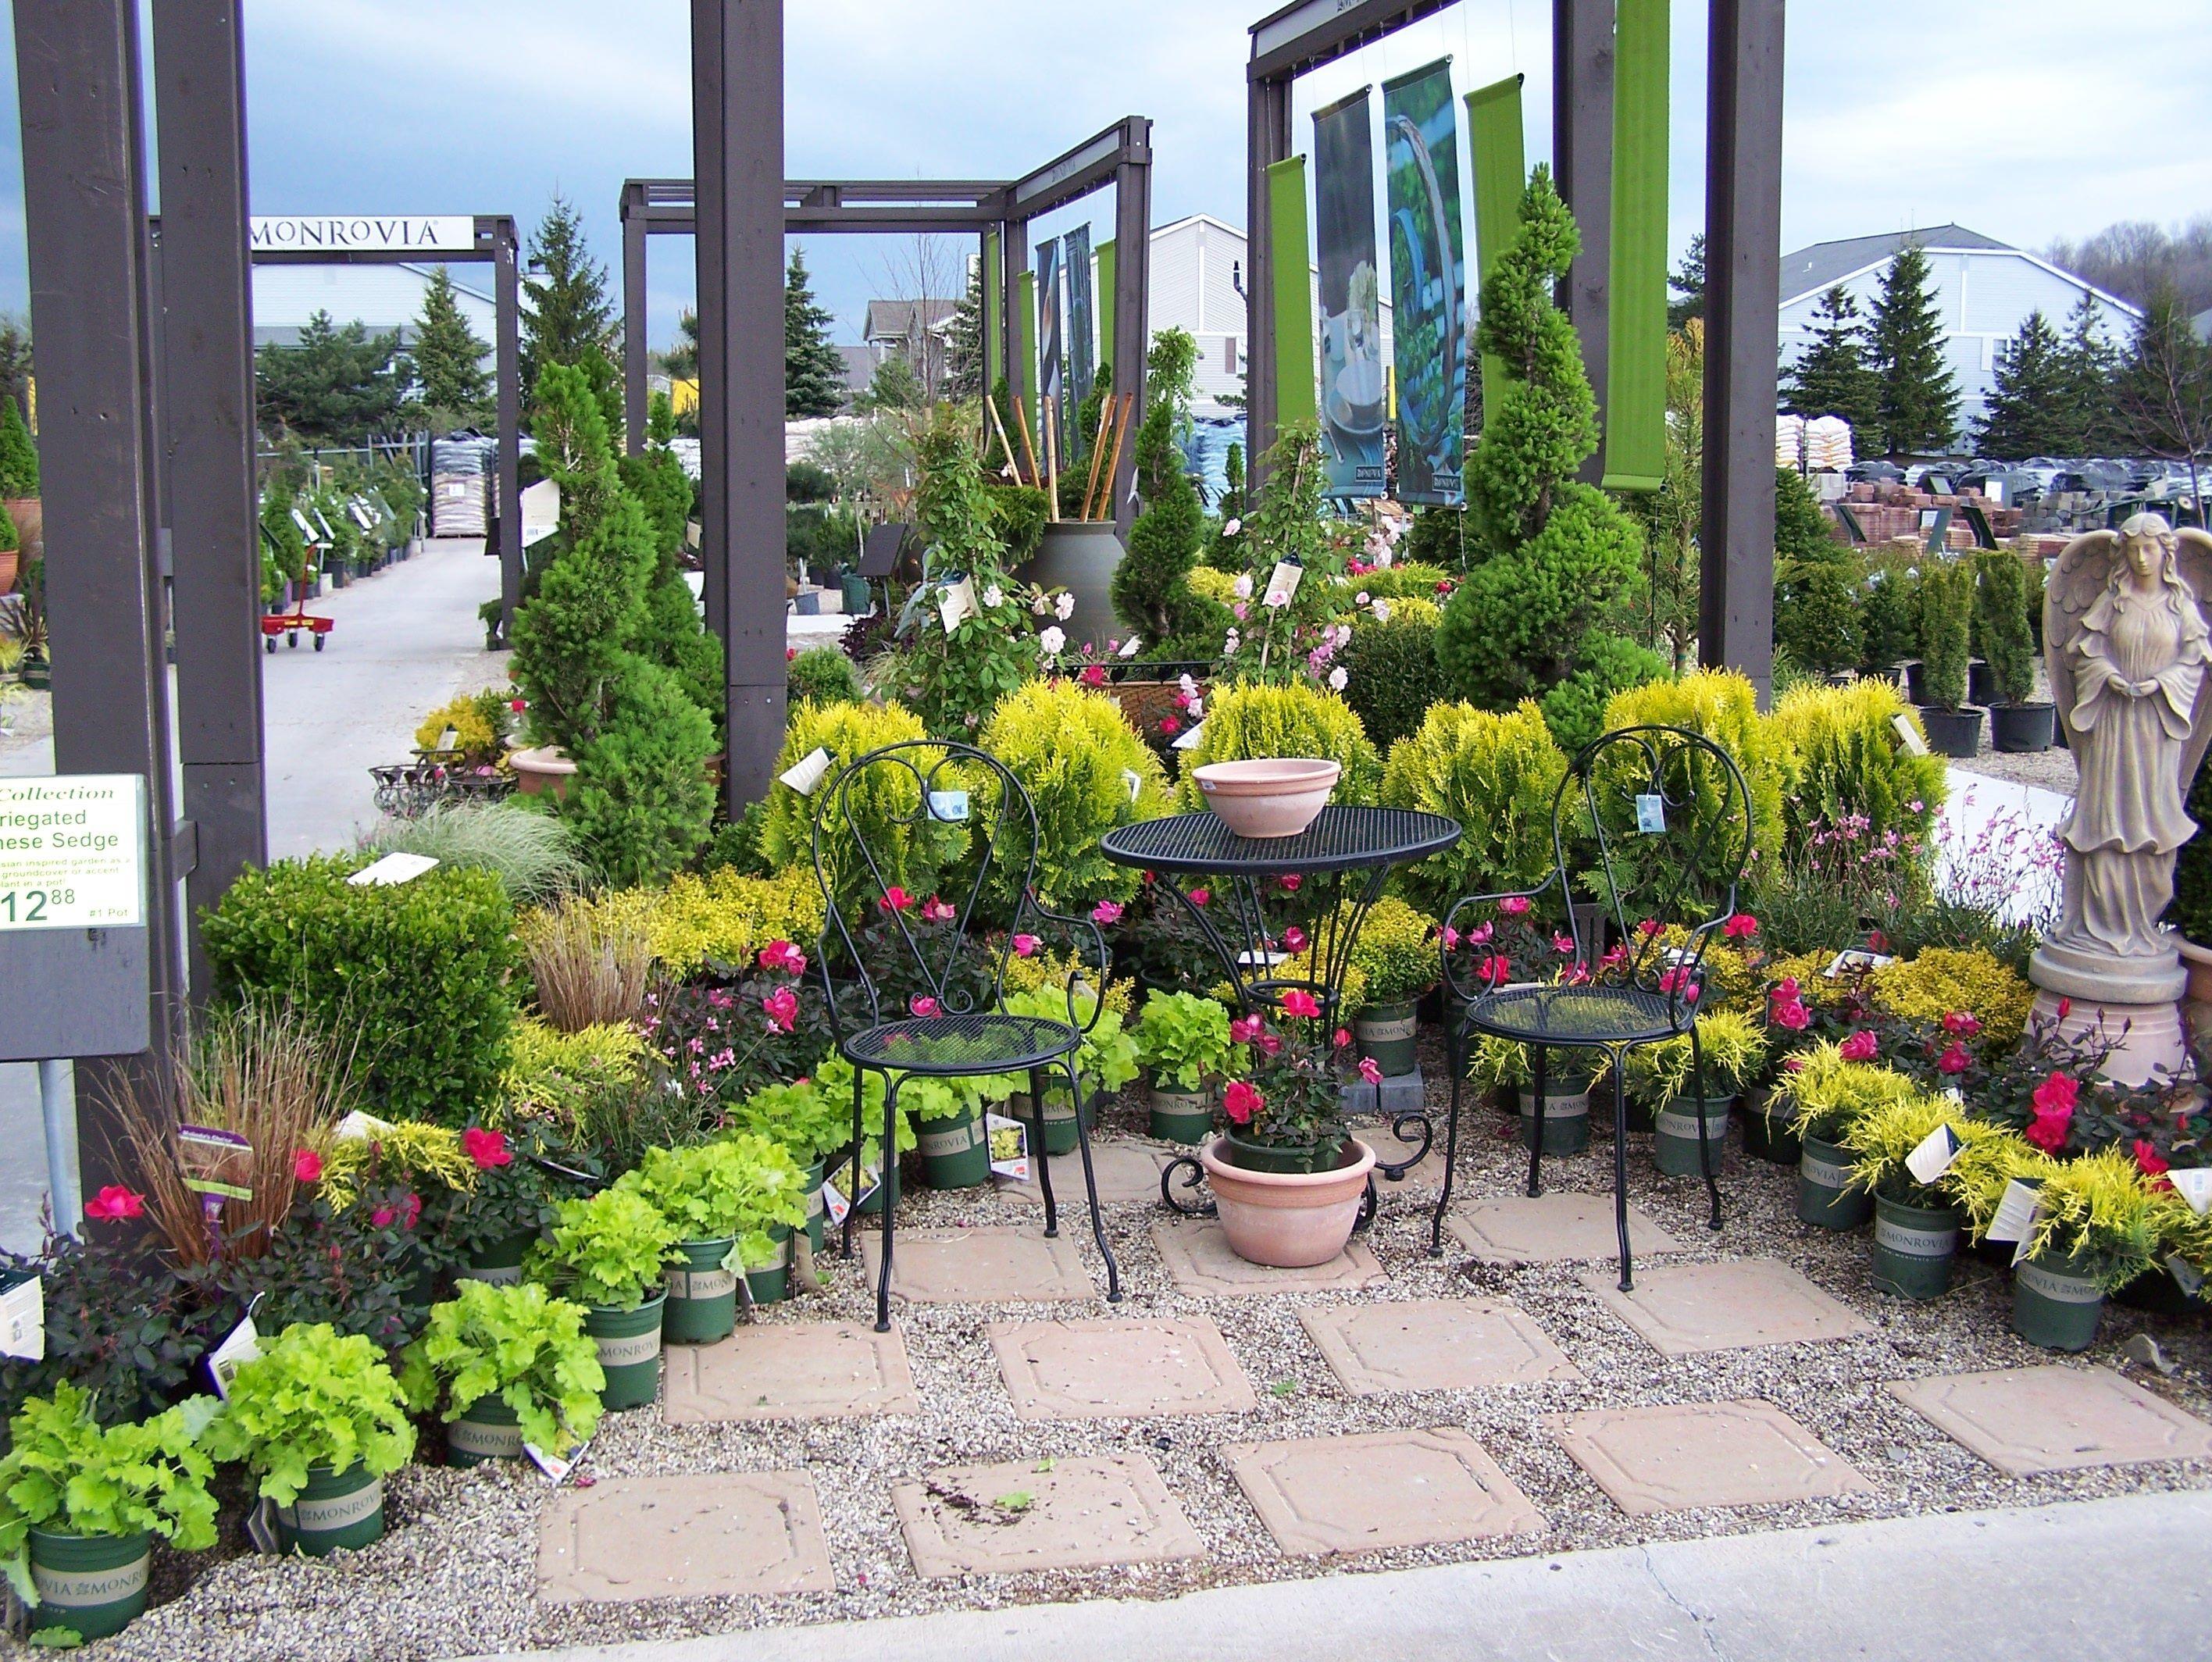 Monrovia country garden Garden Center Pinterest